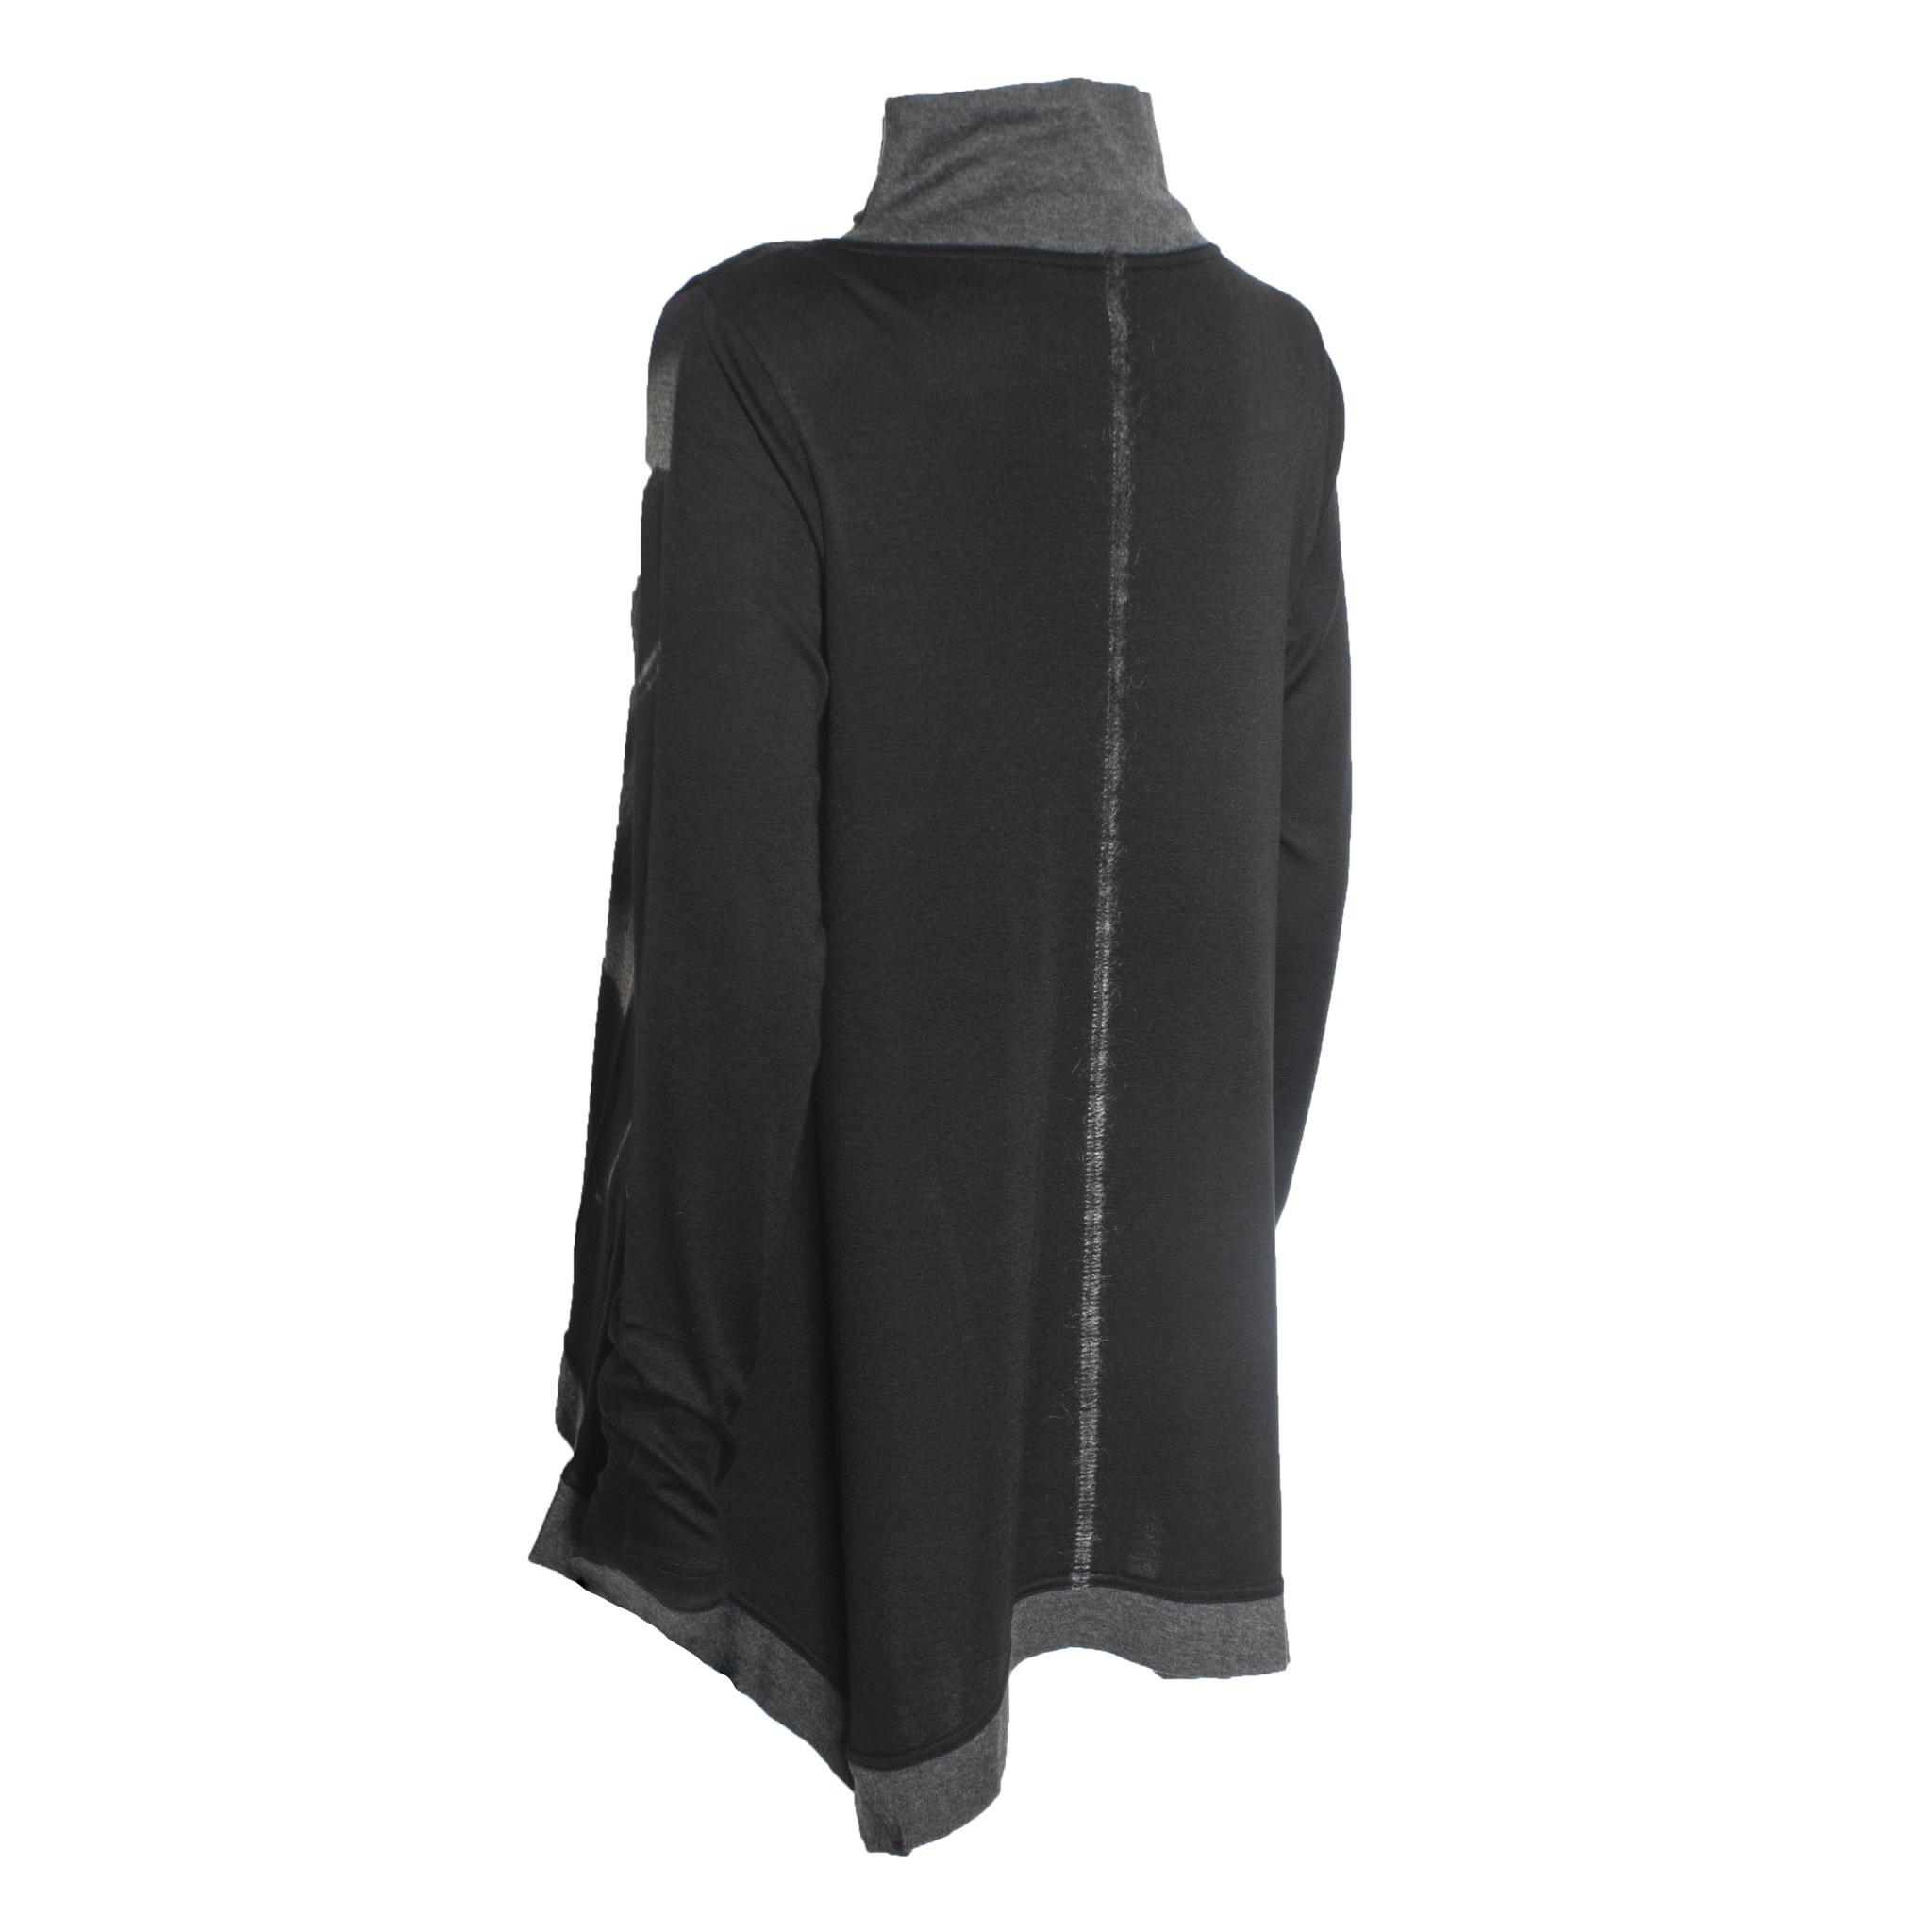 Yoshi Yoshi Yoshi Yoshi Mono Print Pullover - Black